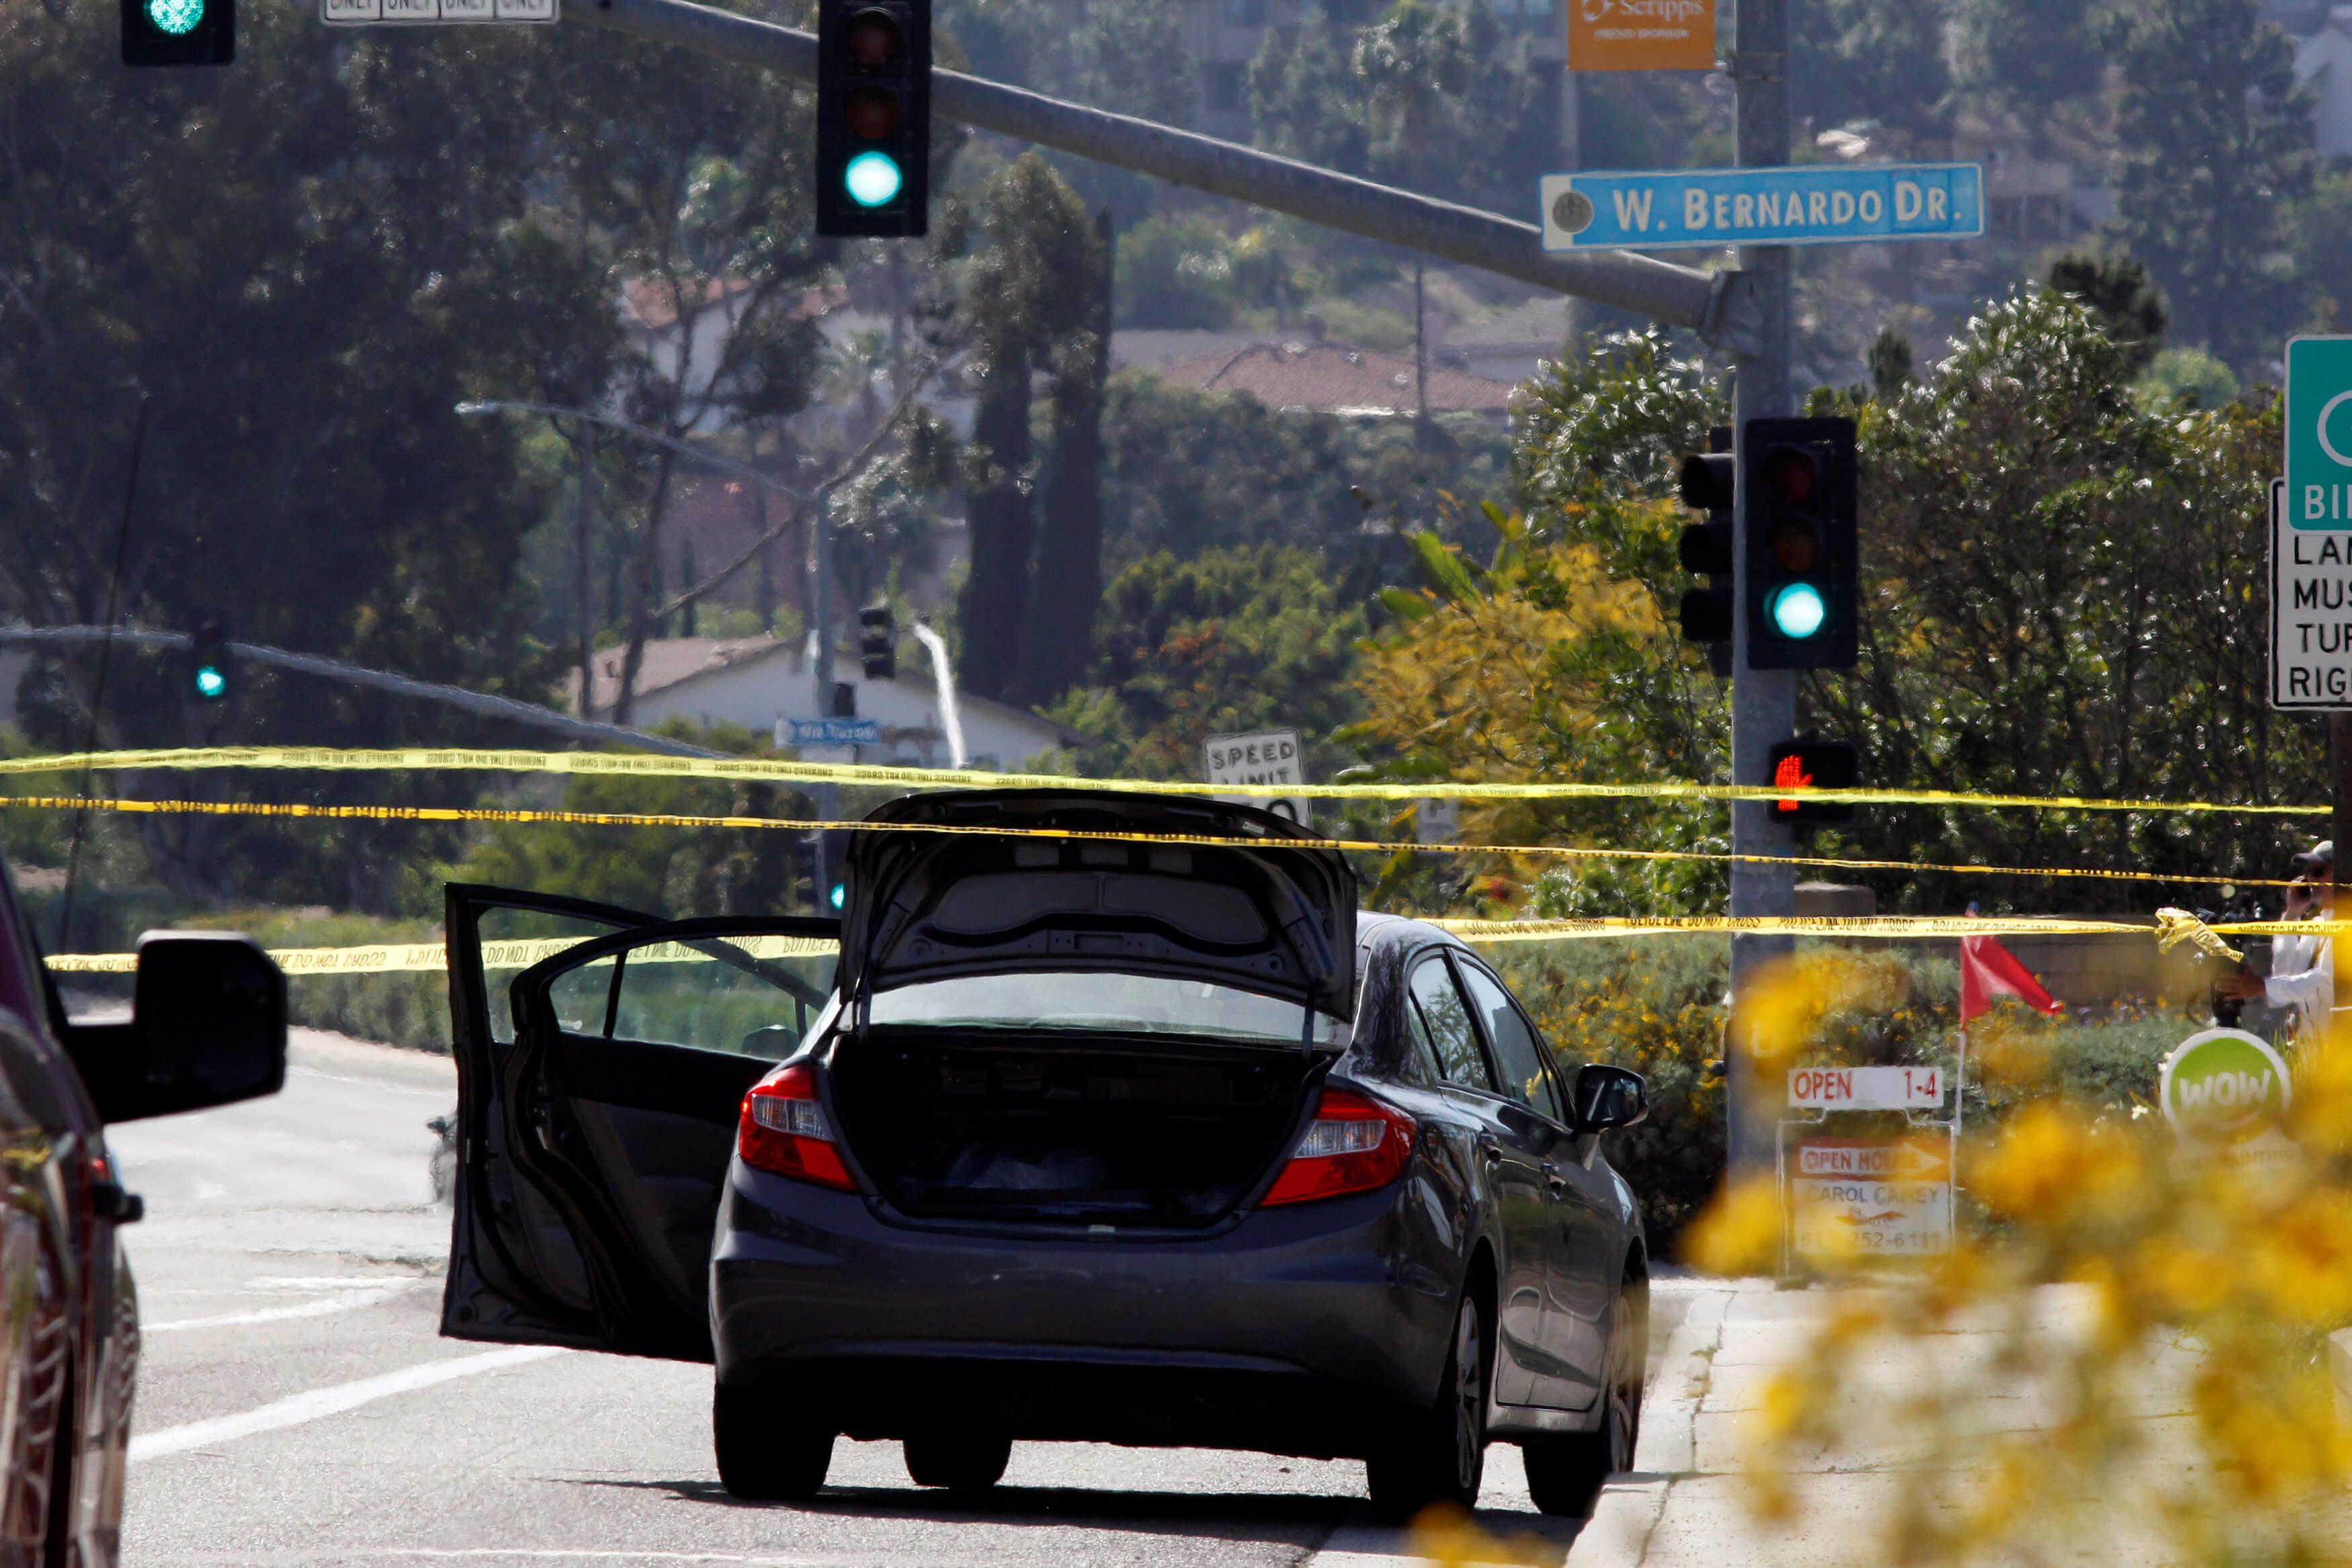 Σαν Ντιέγκο: Μπήκε σε συναγωγή και άρχισε να πυροβολεί τους πάντες – 1 νεκρή και 3 τραυματίες [pics]